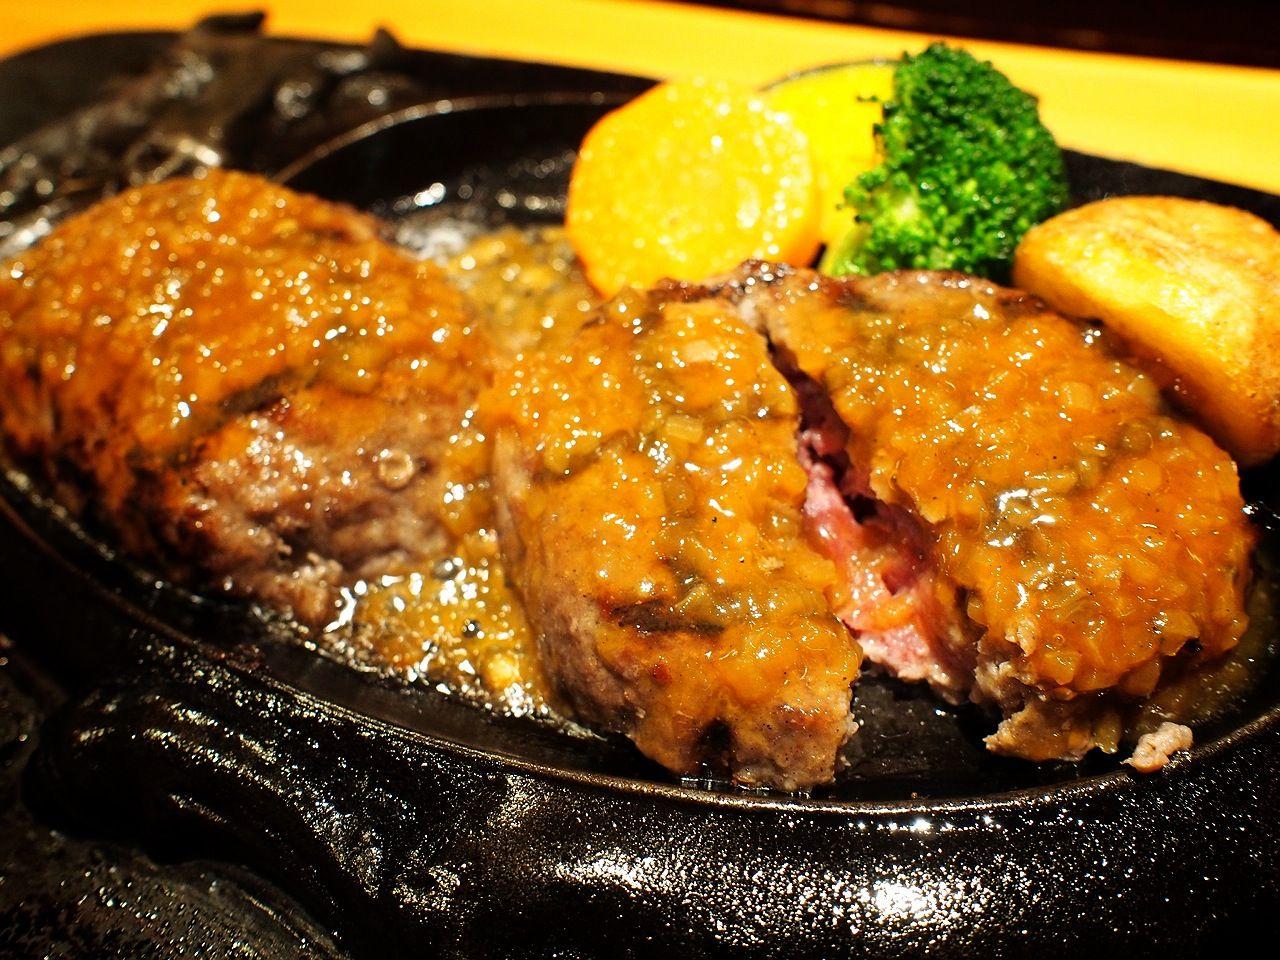 番外編:浜松市でディナーにオススメのグルメ